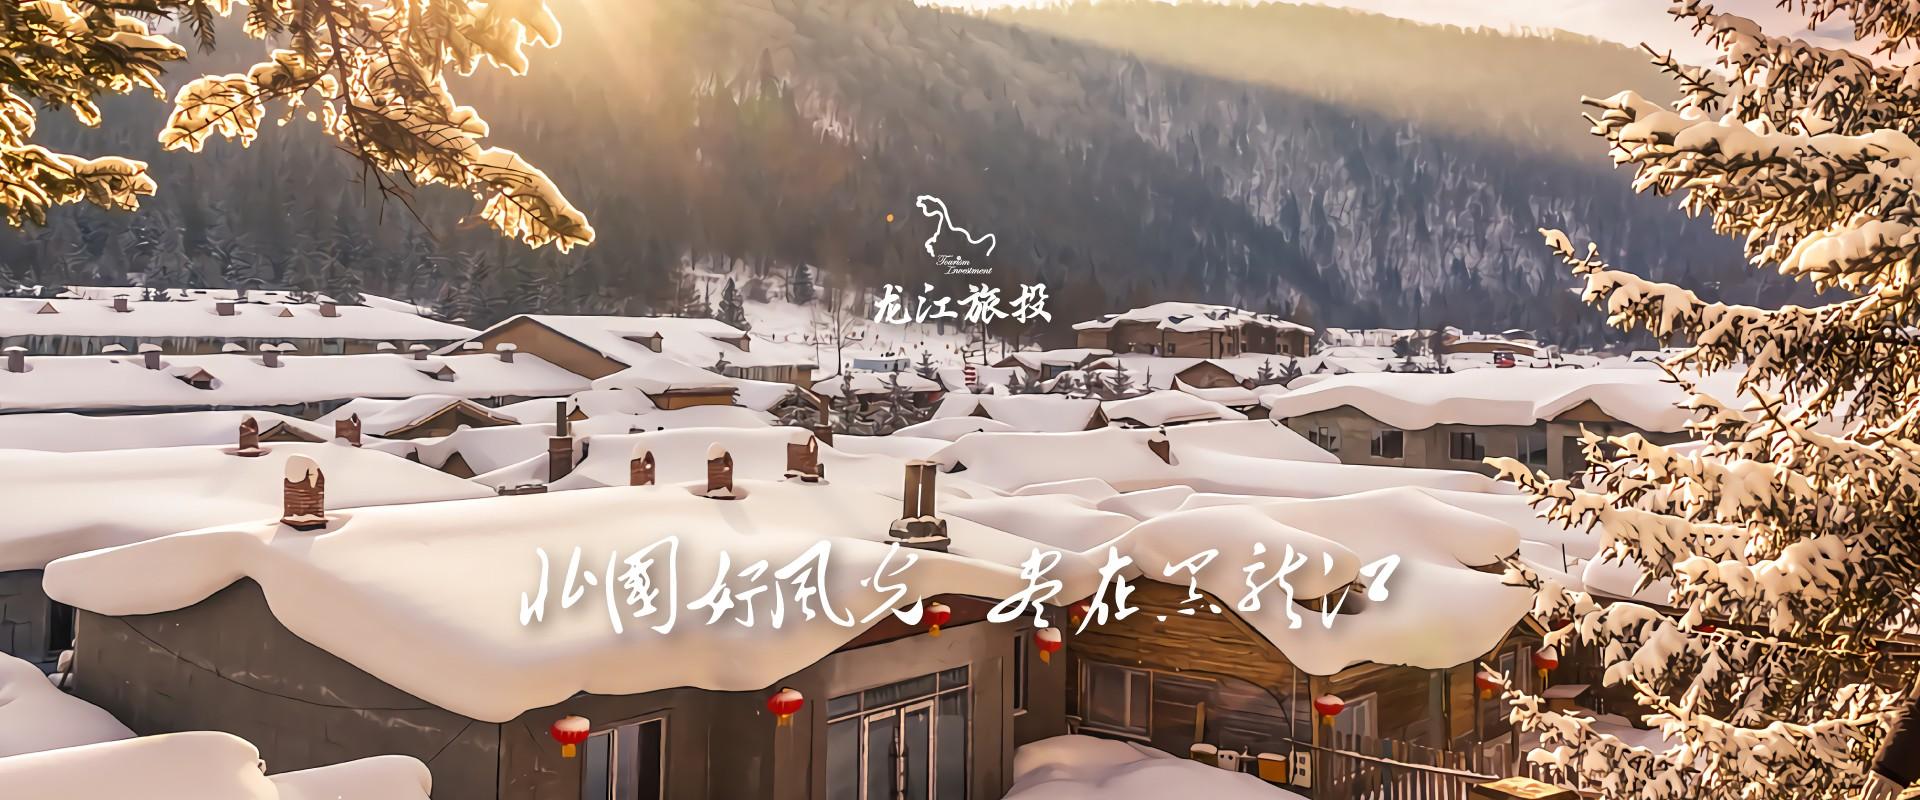 黑龙江-冬